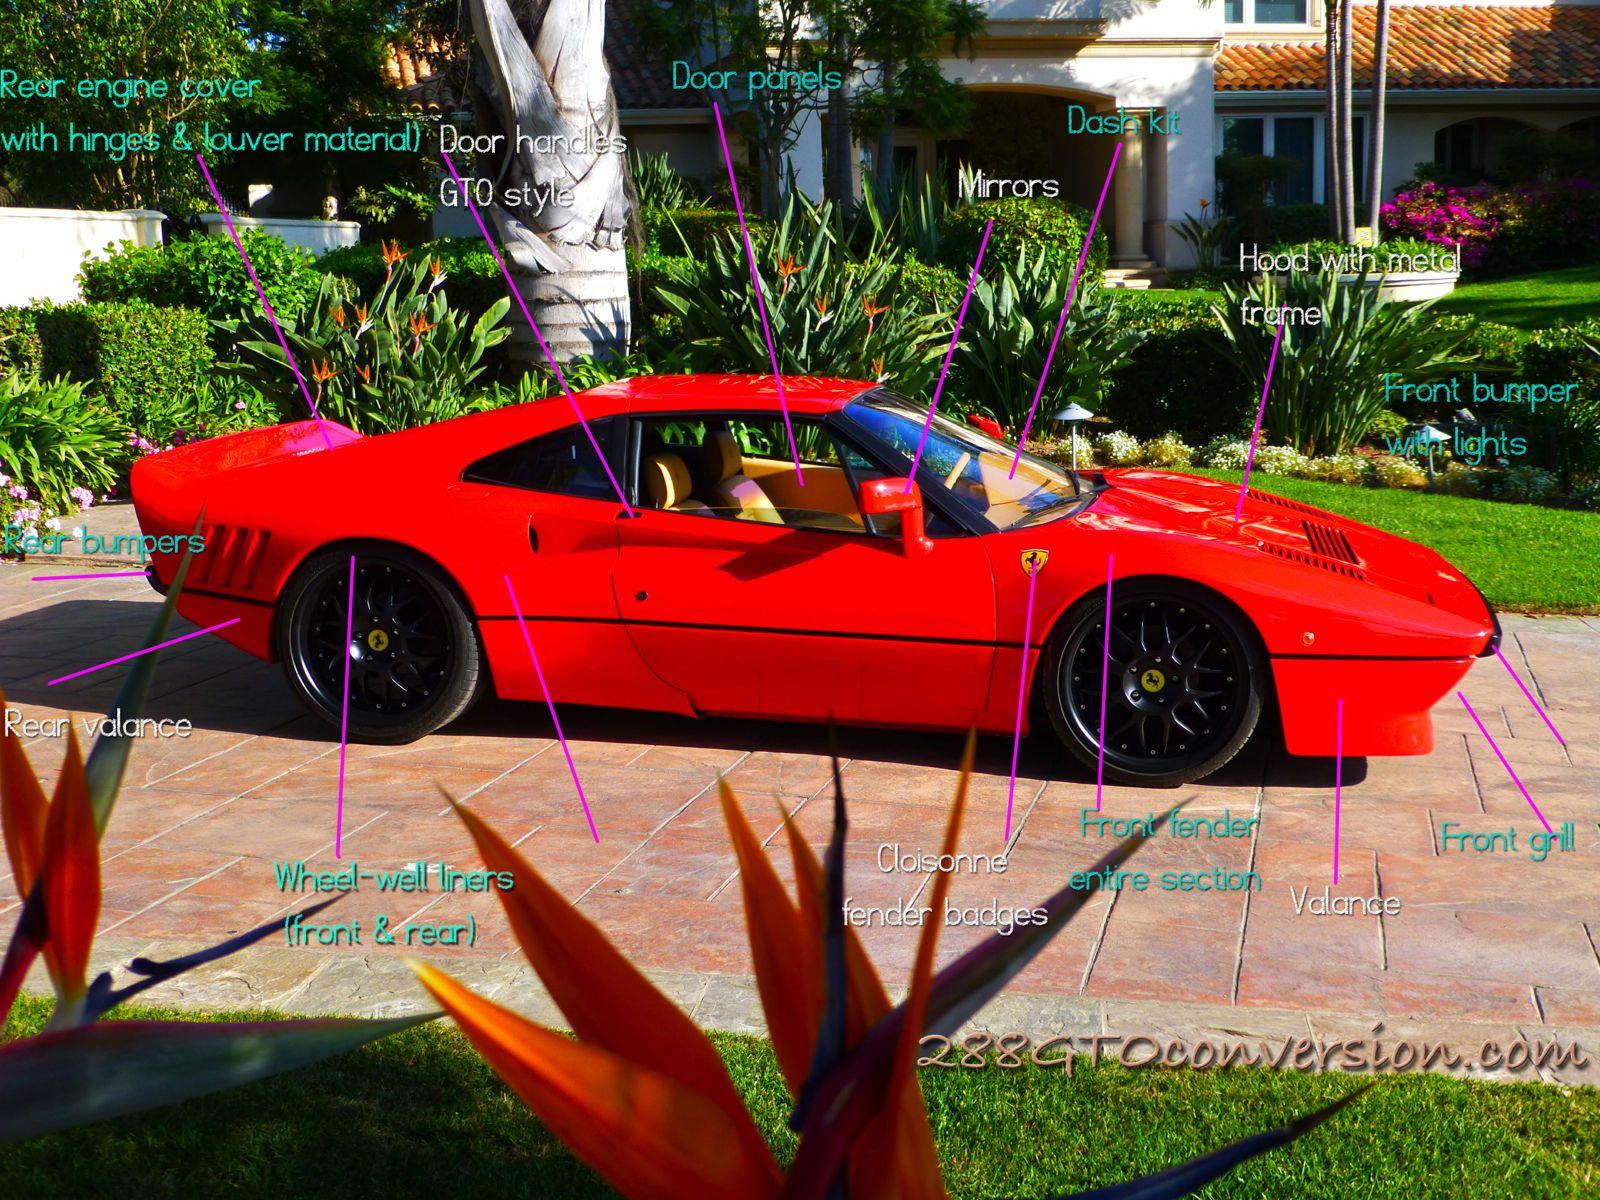 Ferrari Gto Conversion From